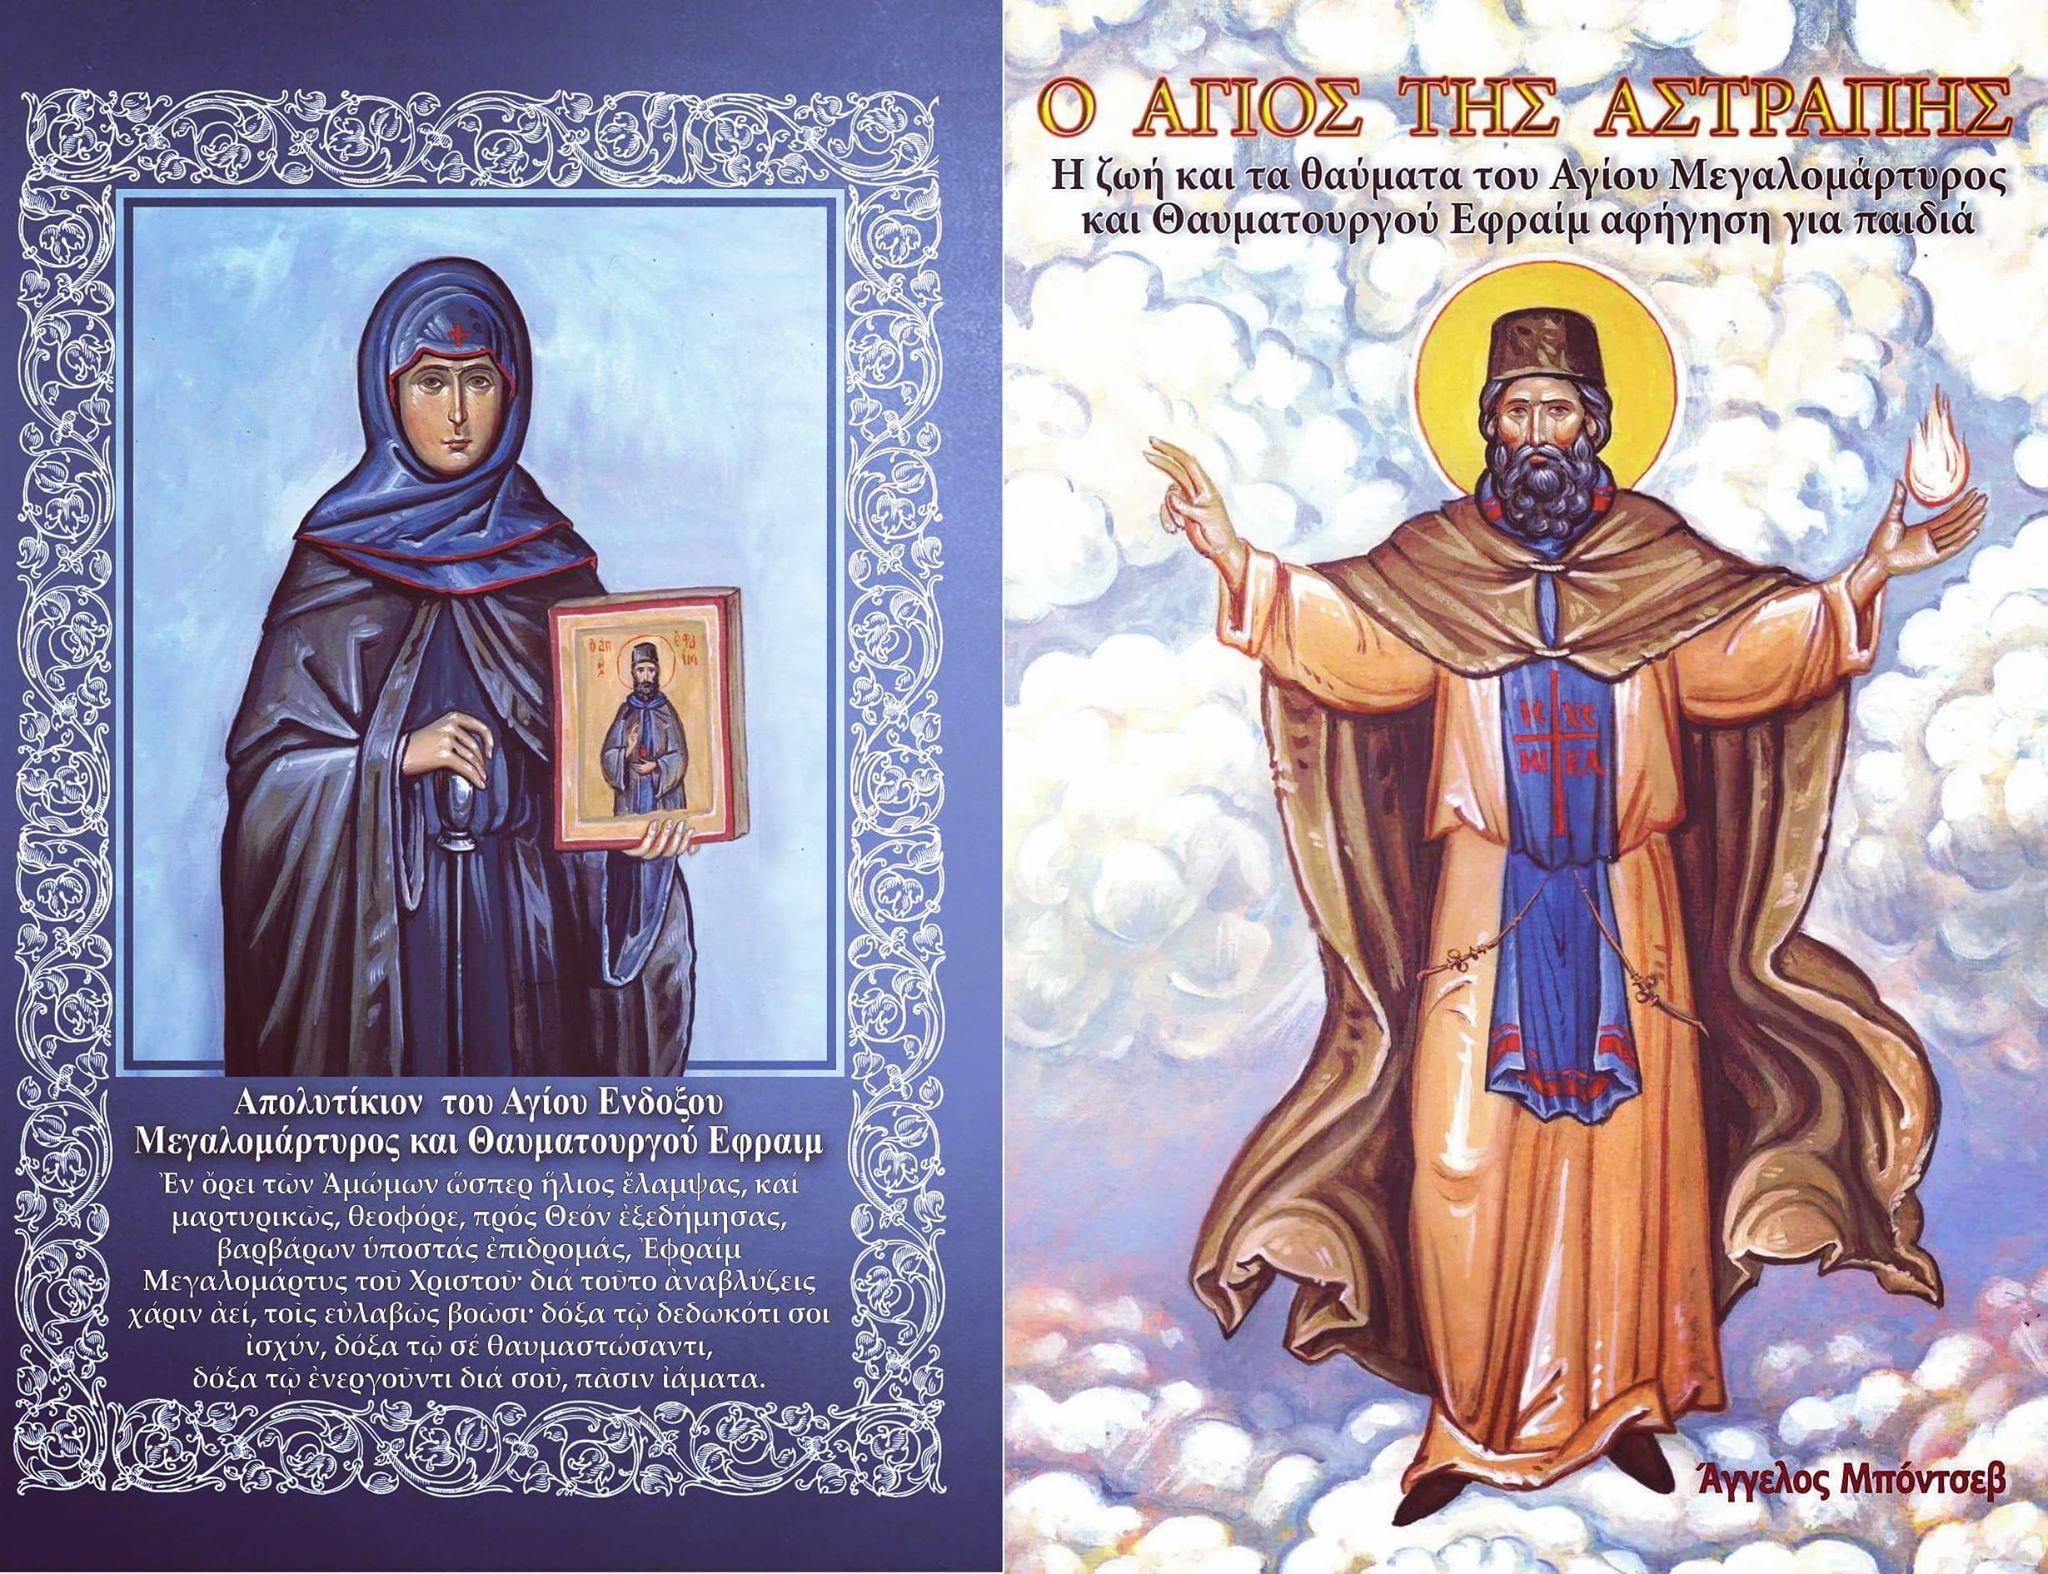 «Ο Άγιος της αστραπής» ένα Βιβλίο για τον Άγιο Εφραίμ της Νέας Μάκρης που λατρεύτηκε στη Βουλγαρία